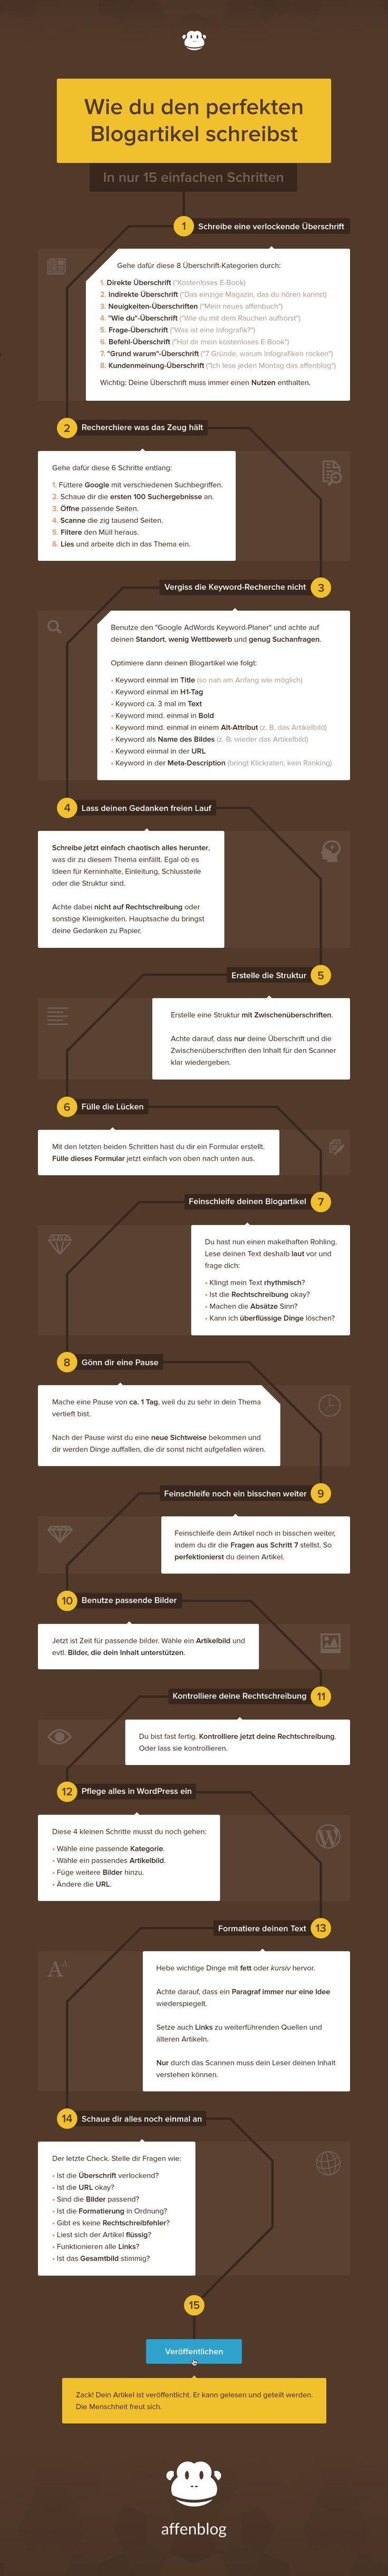 Einfaches haus design bilder einzigen stock wie du den perfekten blogartikel schreibst   einfache schritte